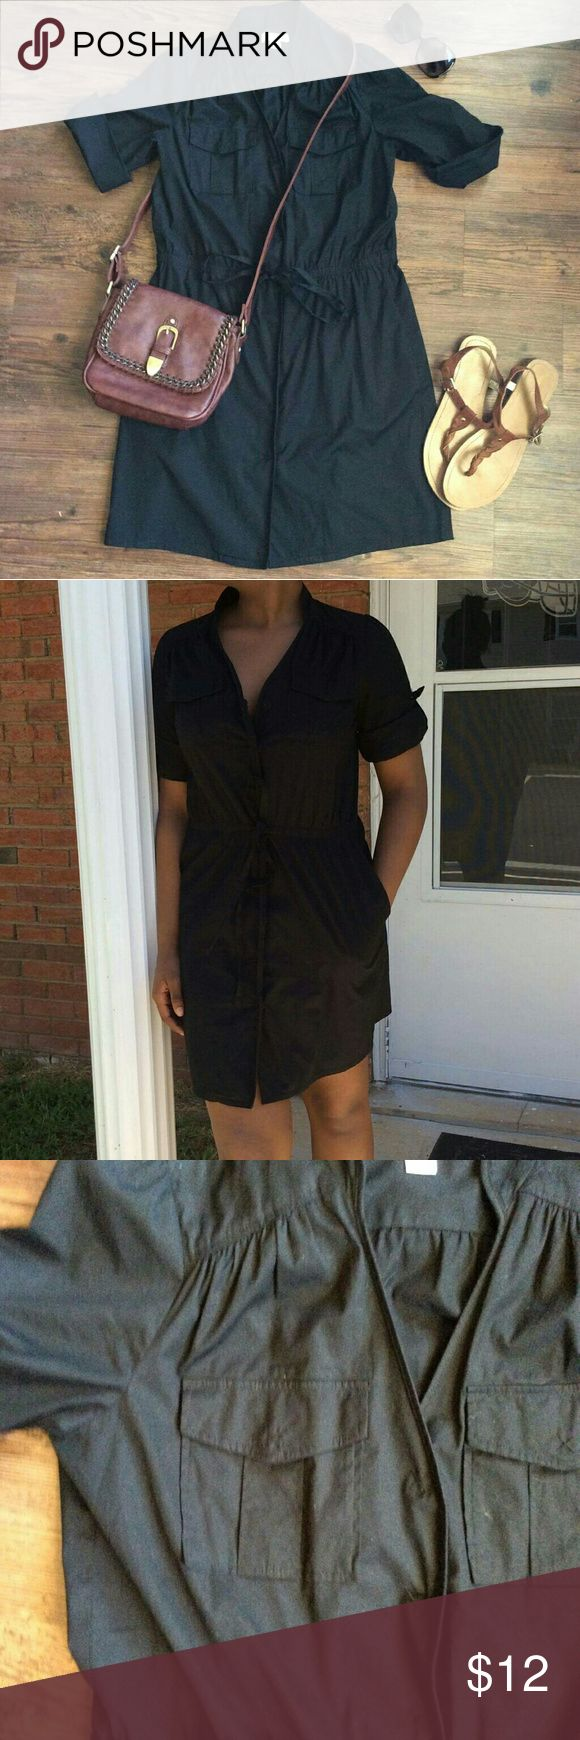 OPEN TO OFFERS! LOFT Black Button Down Dress Pretty Ann Taylor LOFT Black button down dress.  Size: 6P 97% cotton 3% spandex LOFT Dresses